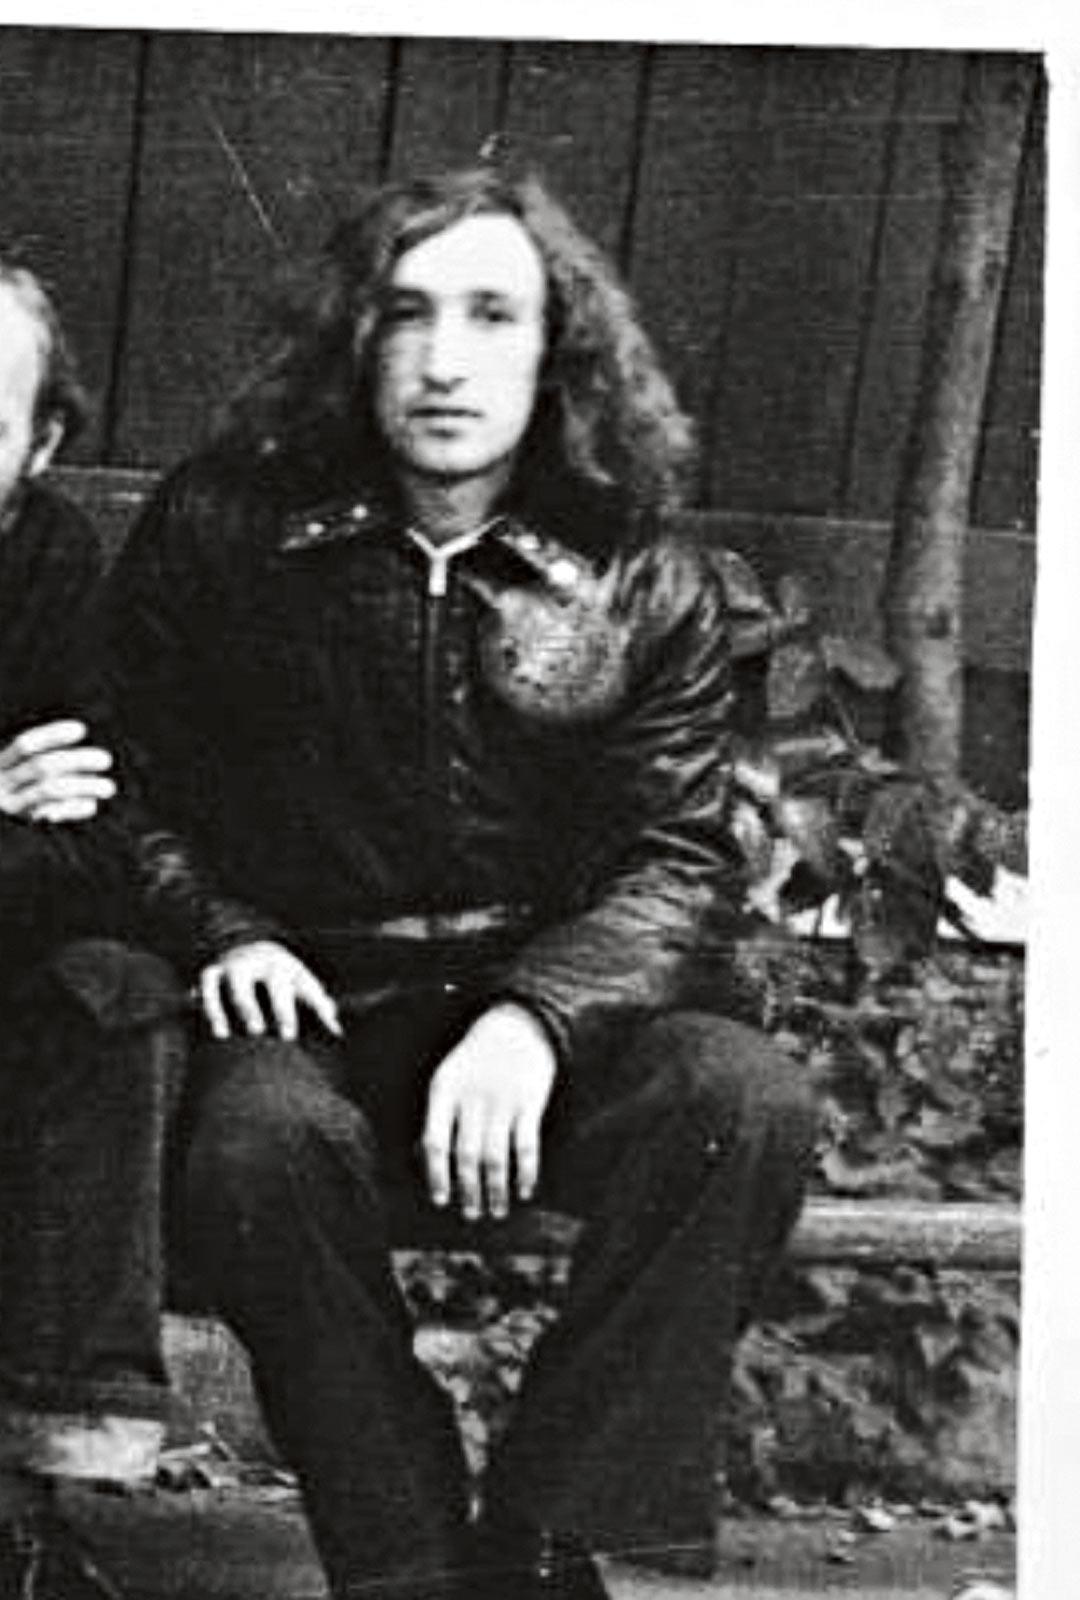 Loikkauksensa jälkeen Shatravka vietti lähes viisi vuotta Neuvostoliiton eri pakkolaitoksissa. Vapauduttuaan 1979 hän luki innnokkaasti kiellettyä kirjallisuutta ja kuunteli lännen radioasemia.